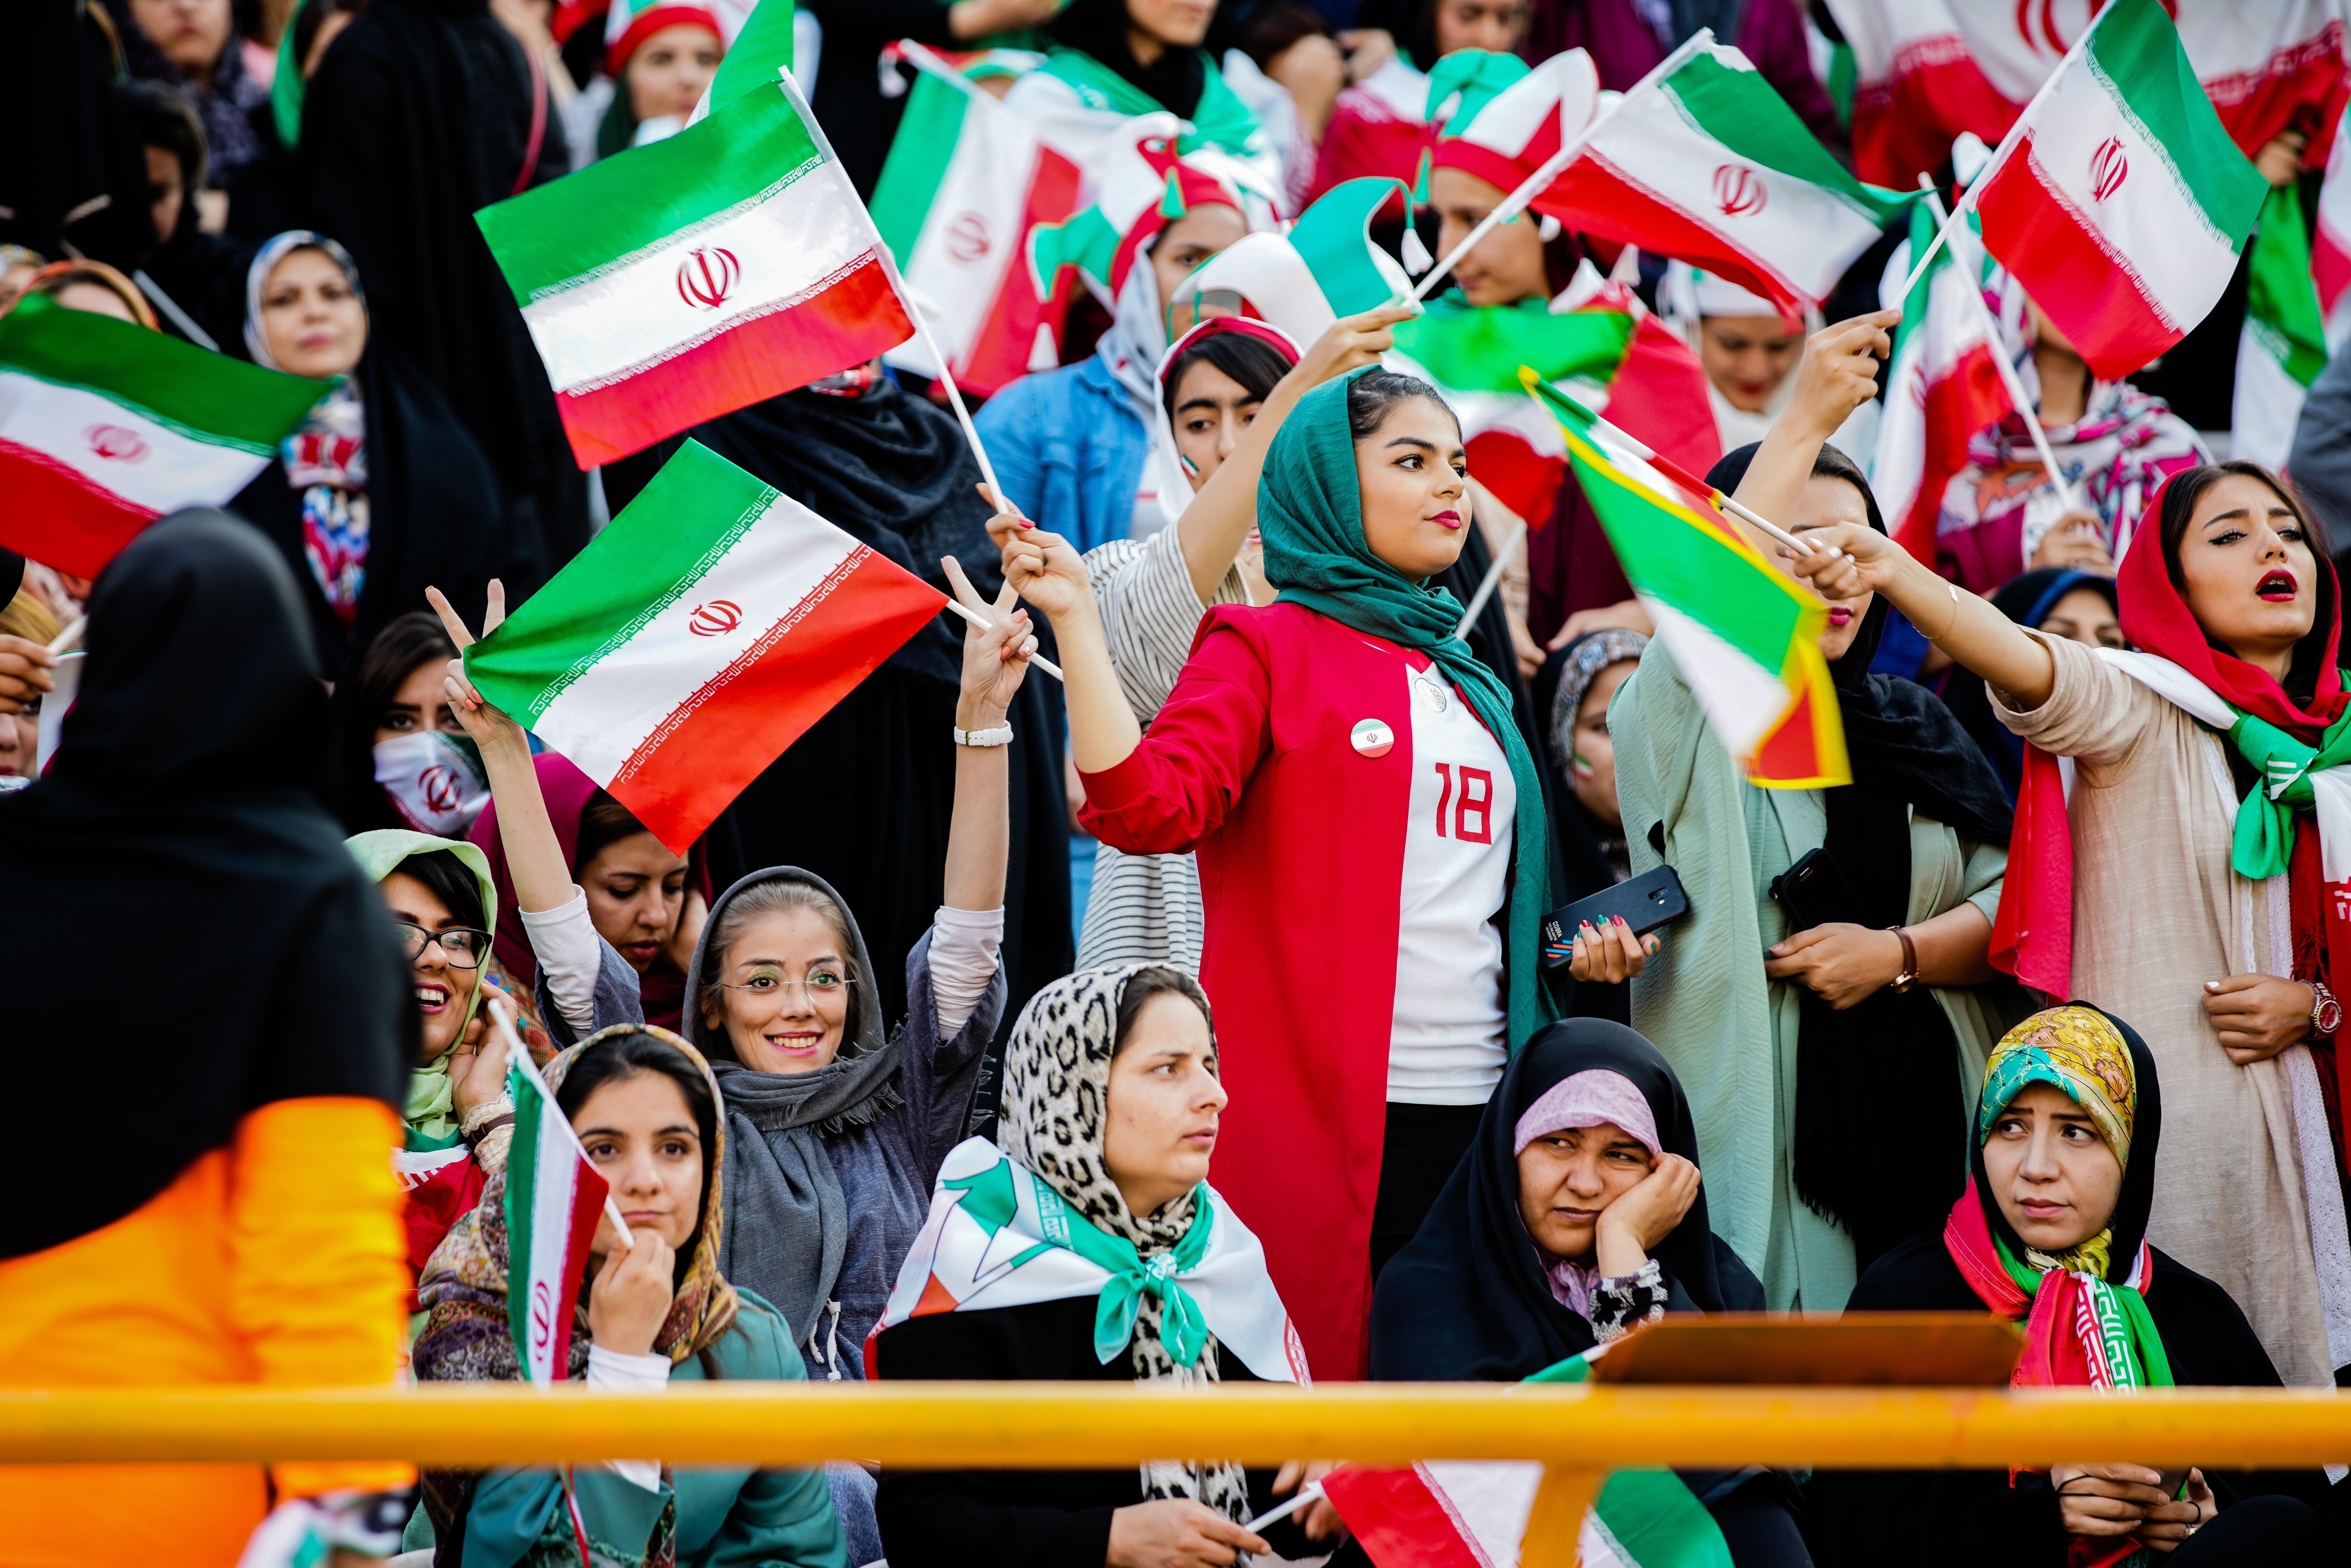 Nekonečný boj za rovnoprávnost: postavení žen v Íránu